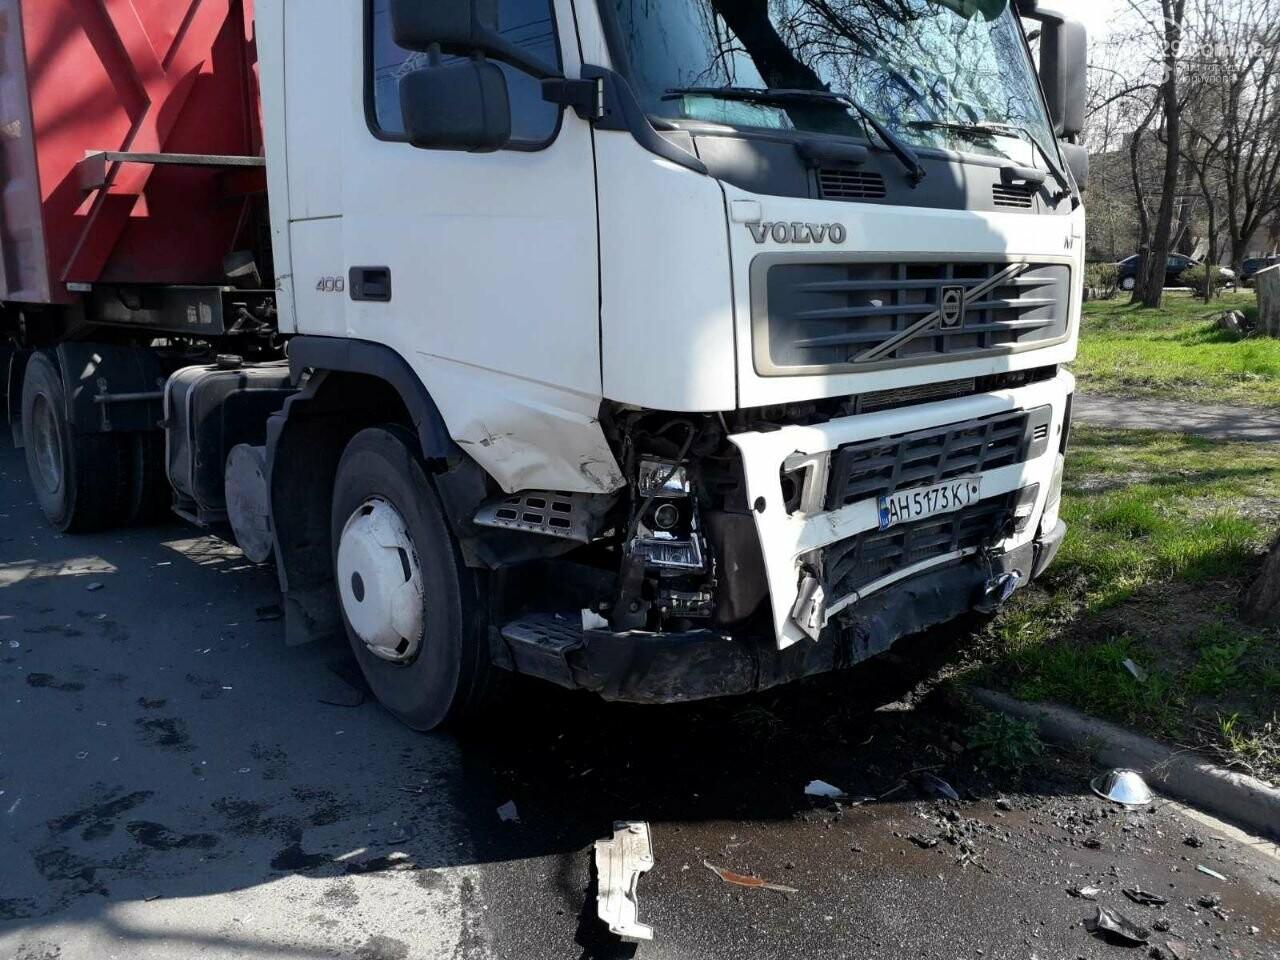 Тройное ДТП с пострадавшими. В Мариуполе столкнулись две легковушки и грузовик,  - ФОТО, фото-3